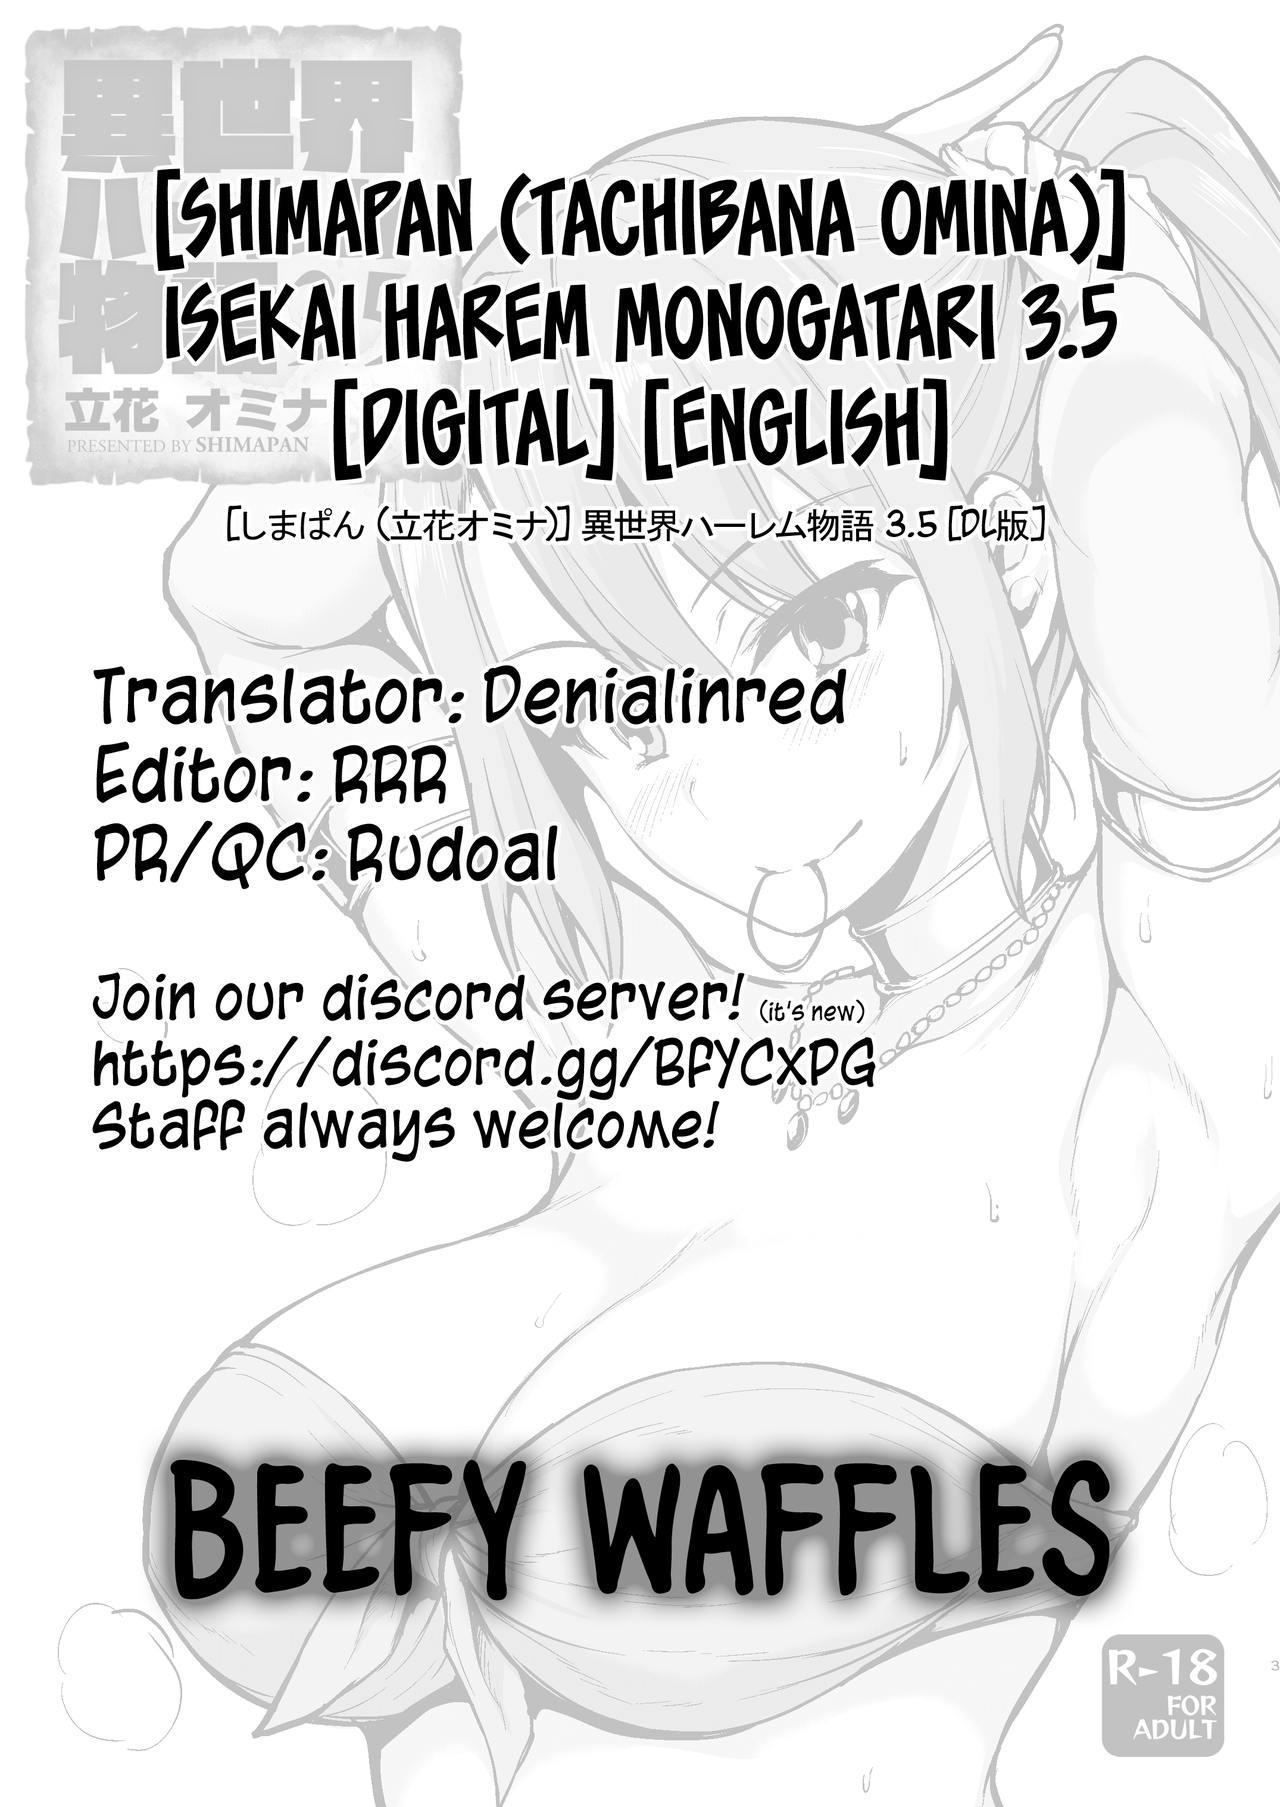 Isekai Harem Monogatari 3.5 7